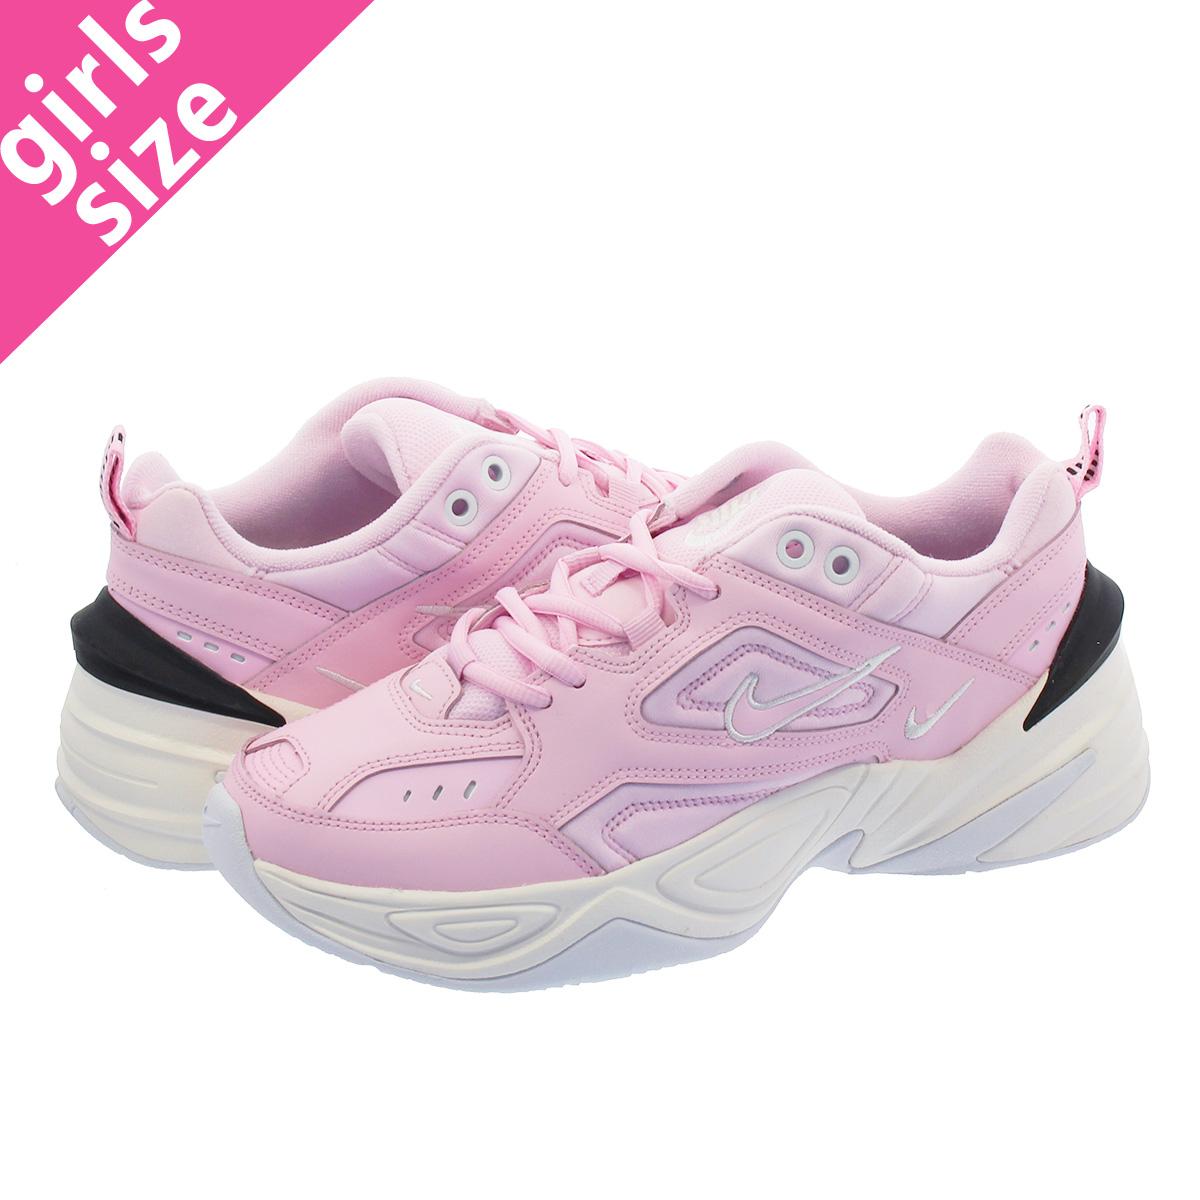 NIKE WMNS M2K TEKNO Nike women M2K techno PINK FOAM BLACK PHANTOM WHITE  ao3108-600 b5bb44a73